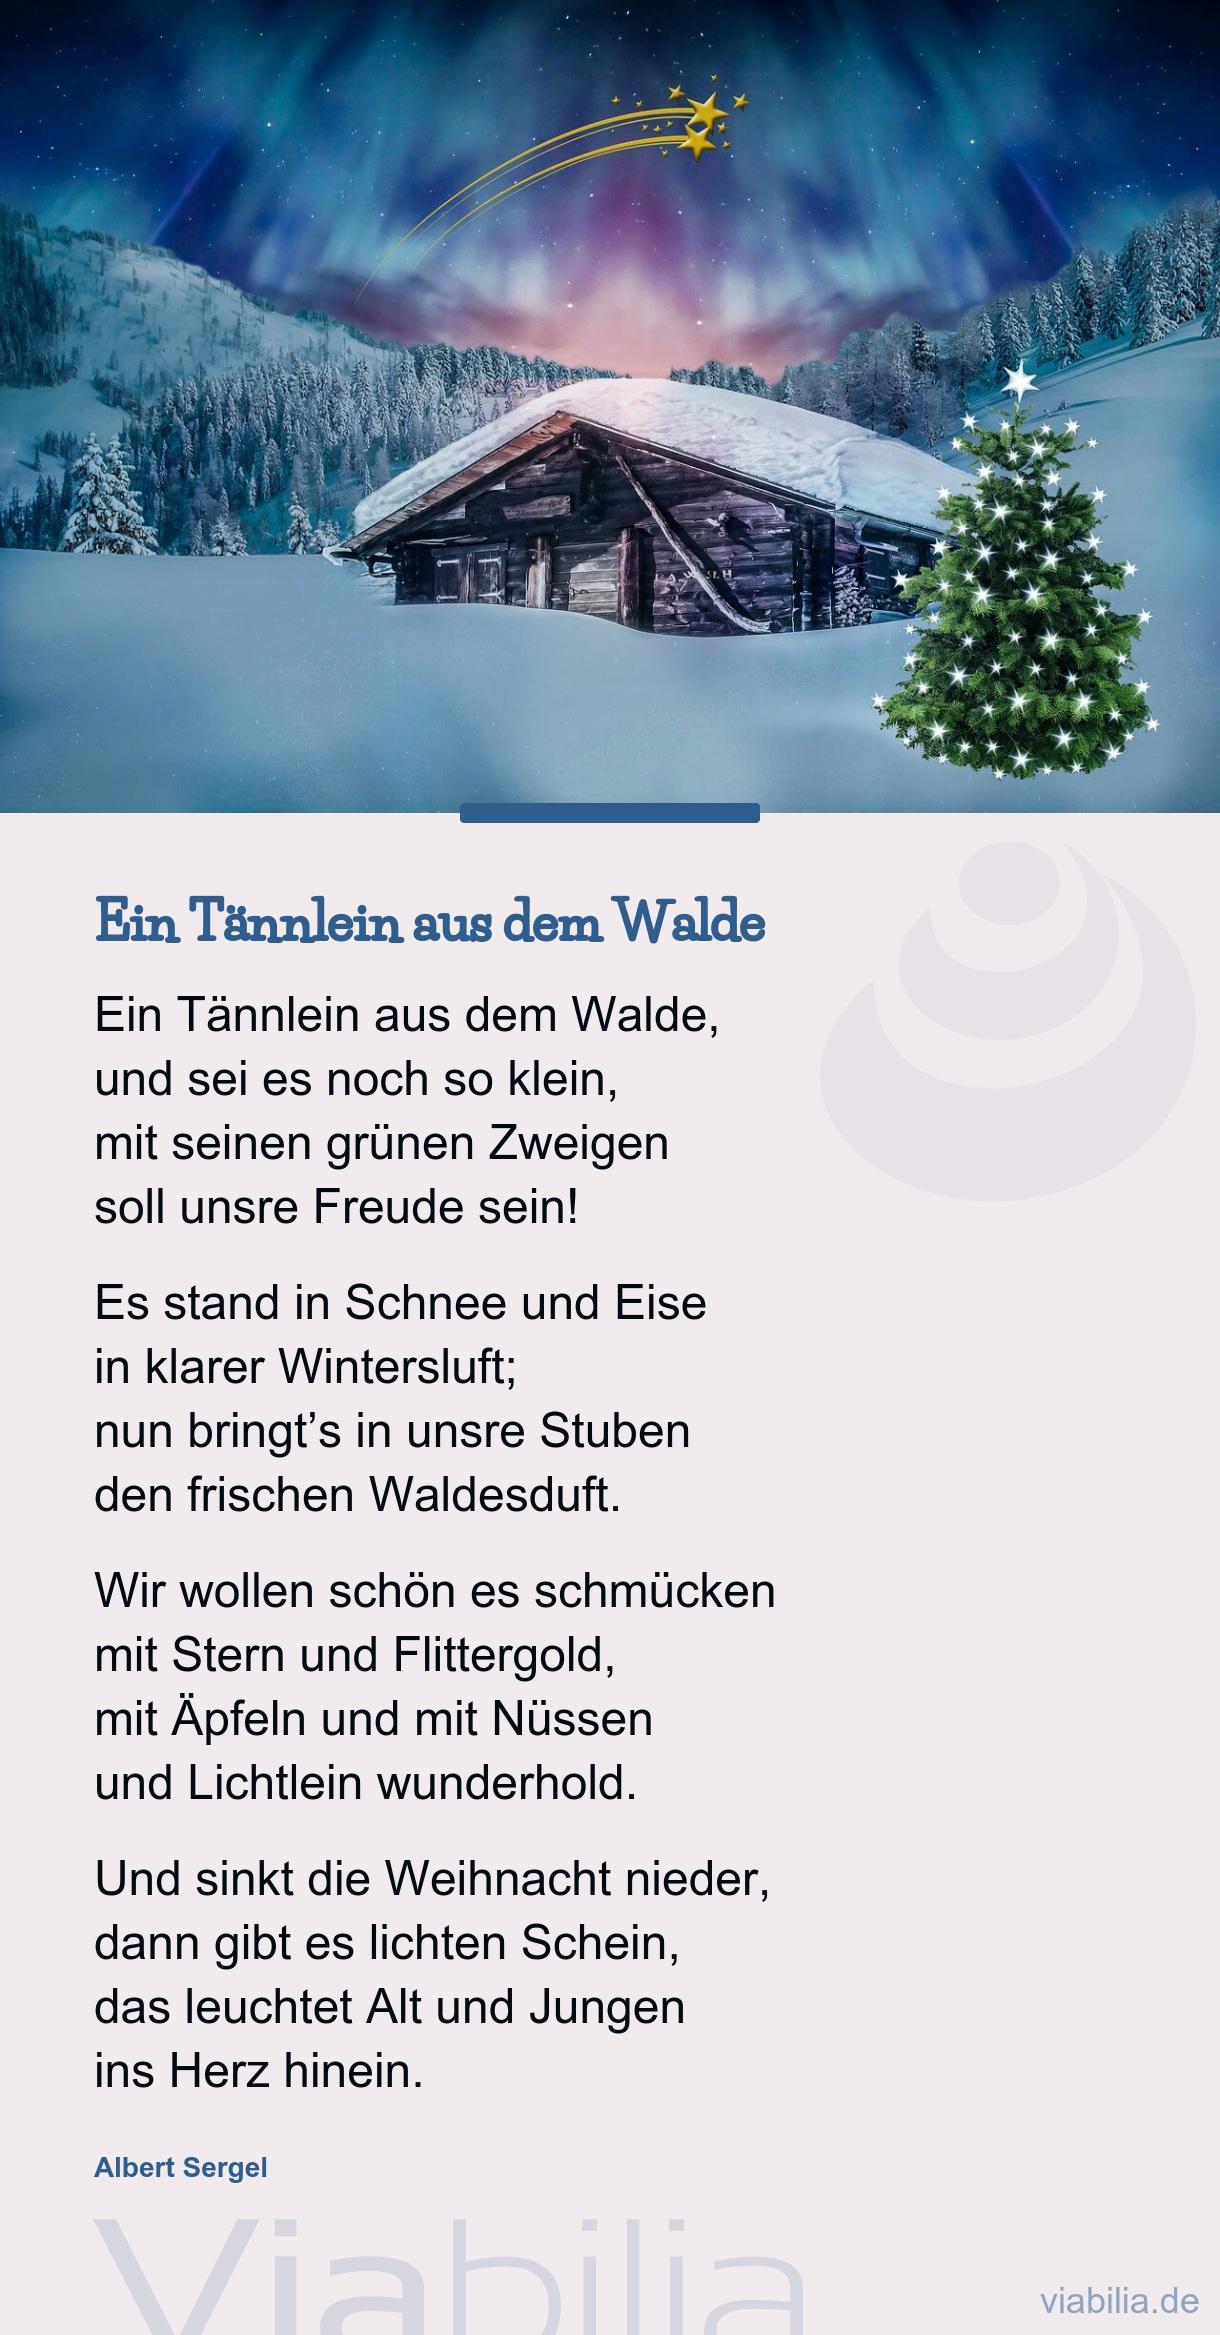 Weihnachtsgedicht: Ein Tännlein Aus Dem Walde - Weihnachtsgruß bei Christliche Weihnachtsgedichte Für Kinder